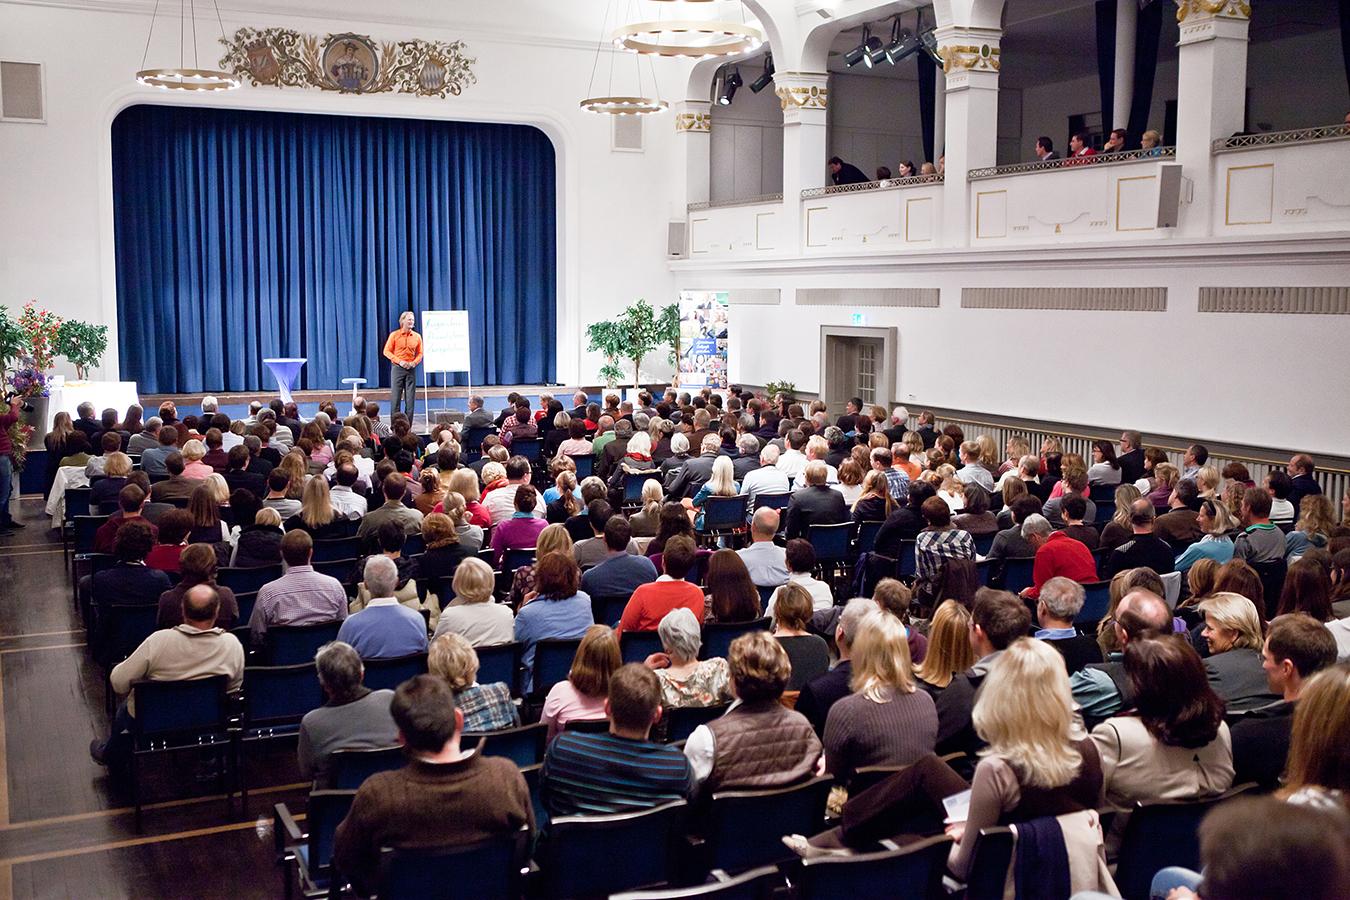 Jeder Stuhl ist besetzt: Baschab füllt die Hallen und tritt in ganz Europa auf..